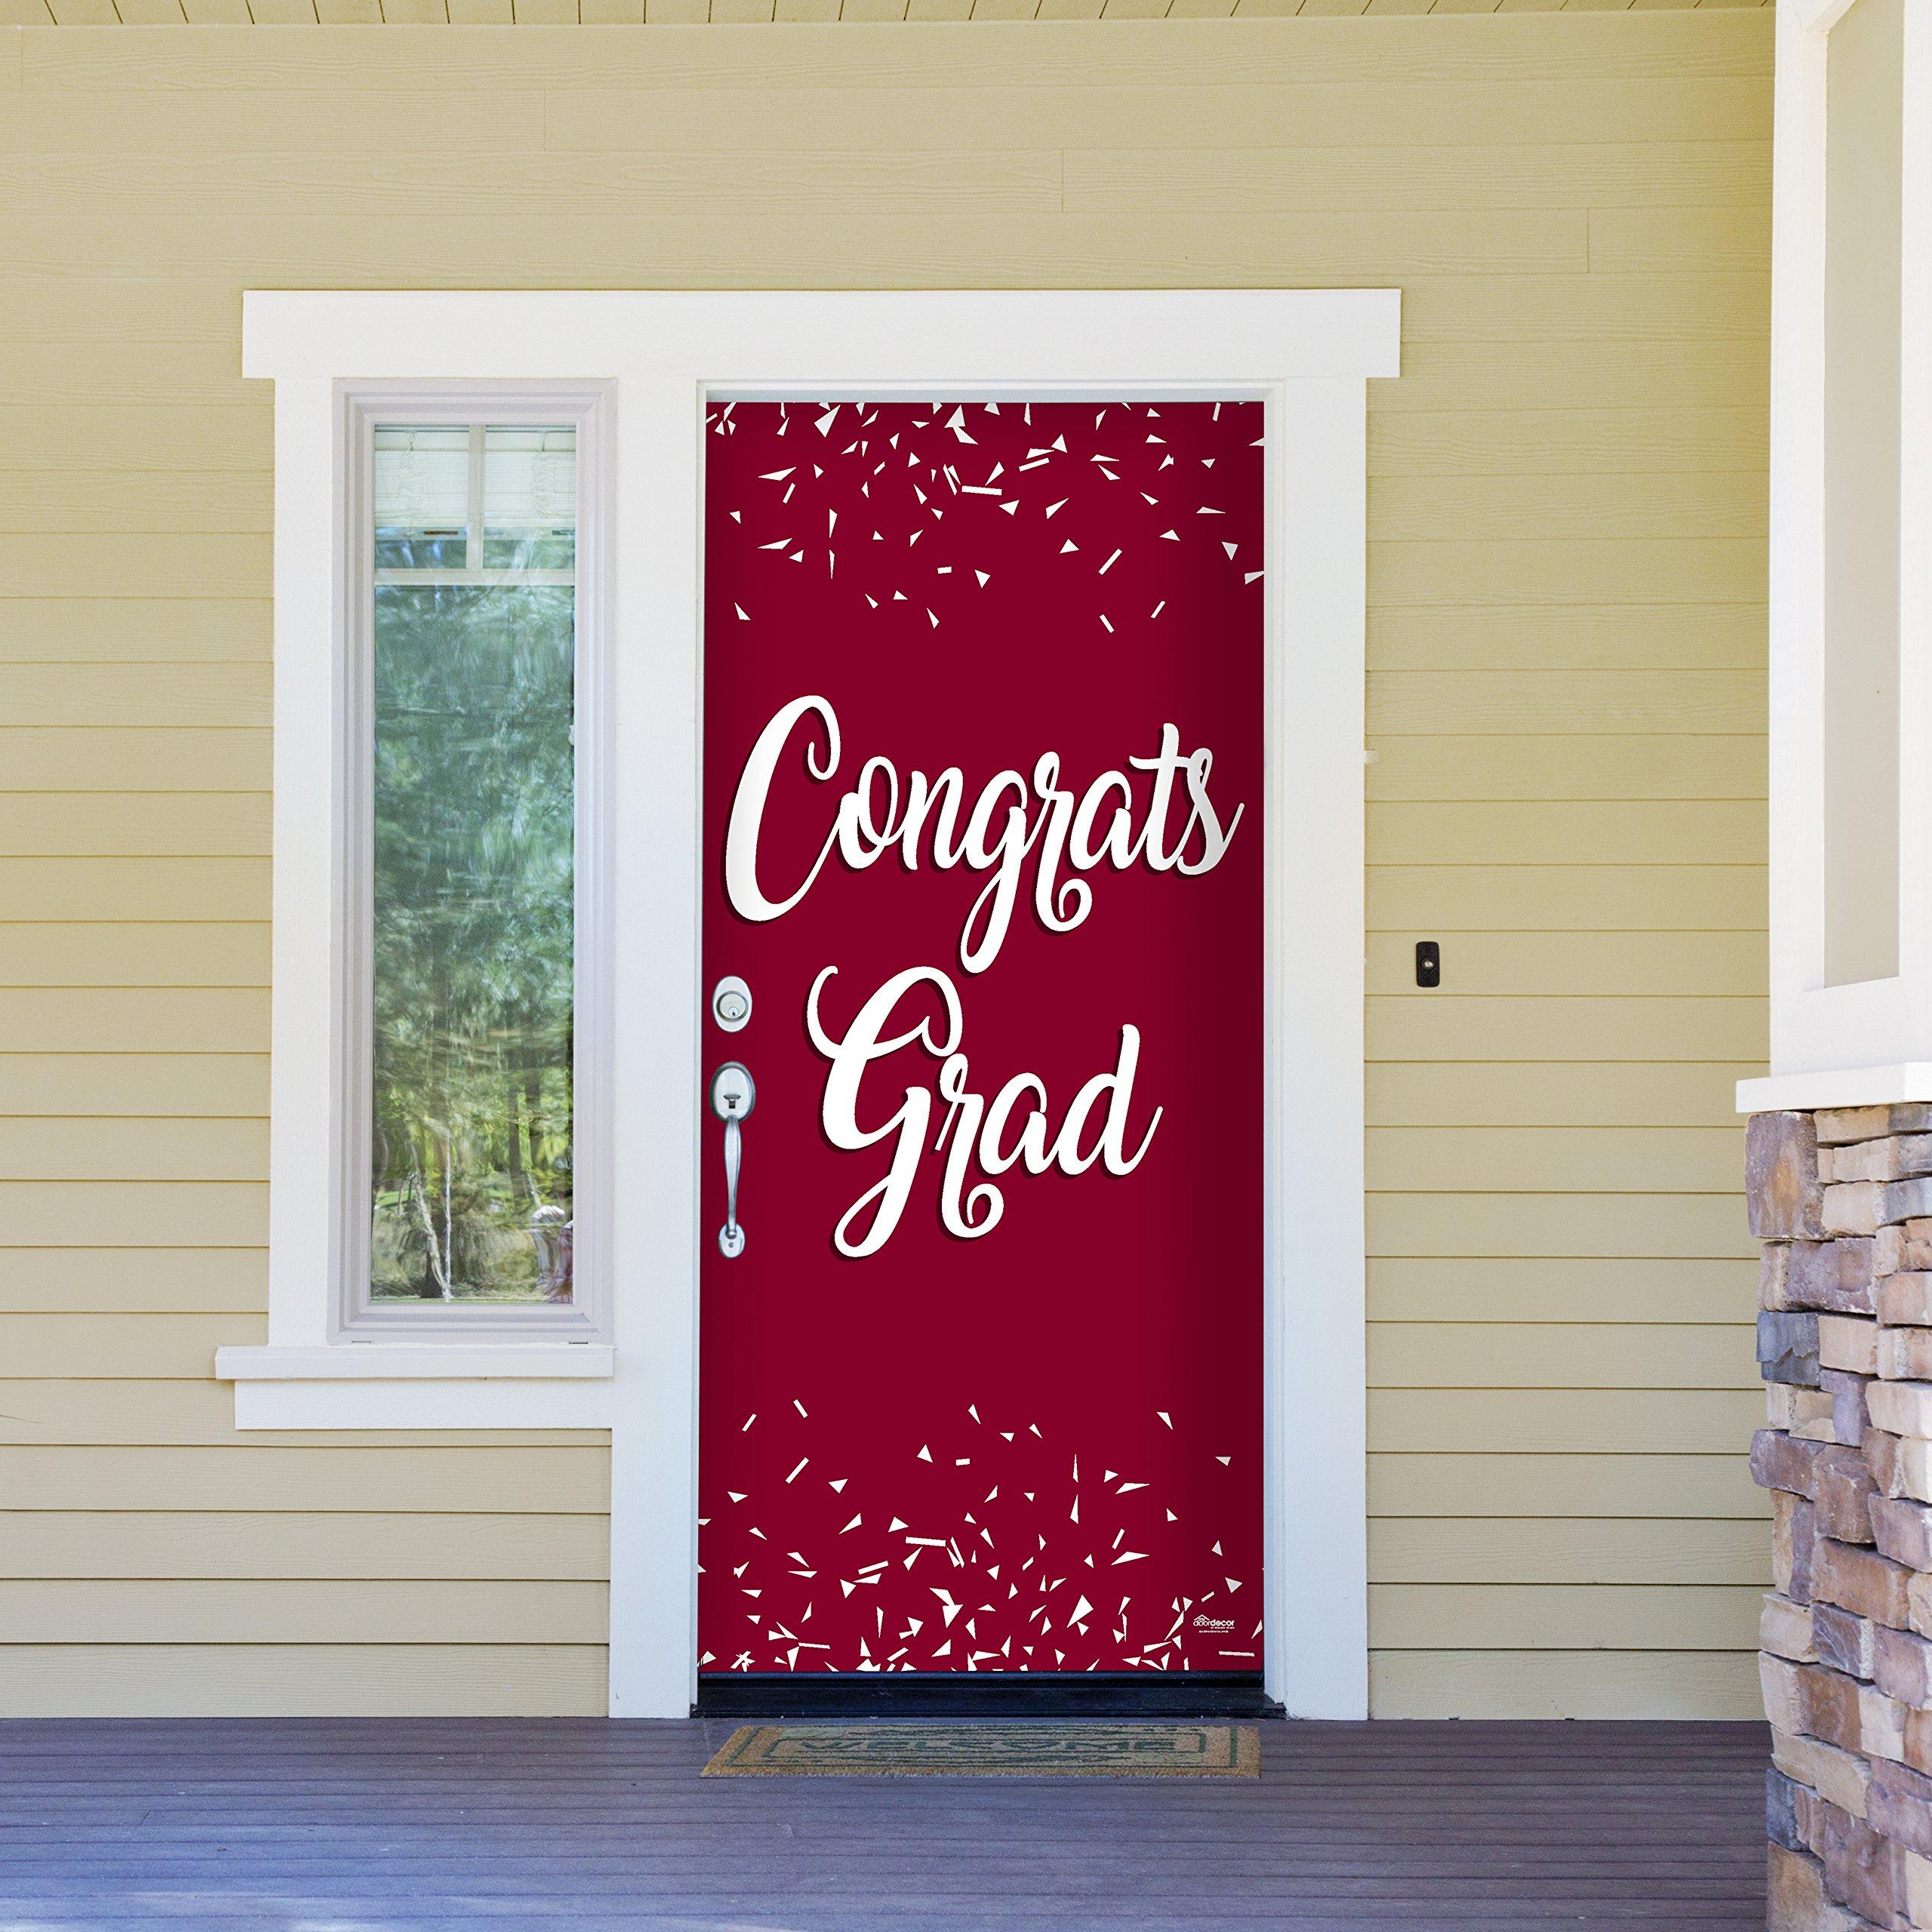 Victory Corps Congrats Grad Maroon - Outdoor GRADUATION Garage Door Banner Mural Sign Décor 36'' x 80'' One Size Fits All Front Door Car Garage -The Original Holiday Front Door Banner Decor